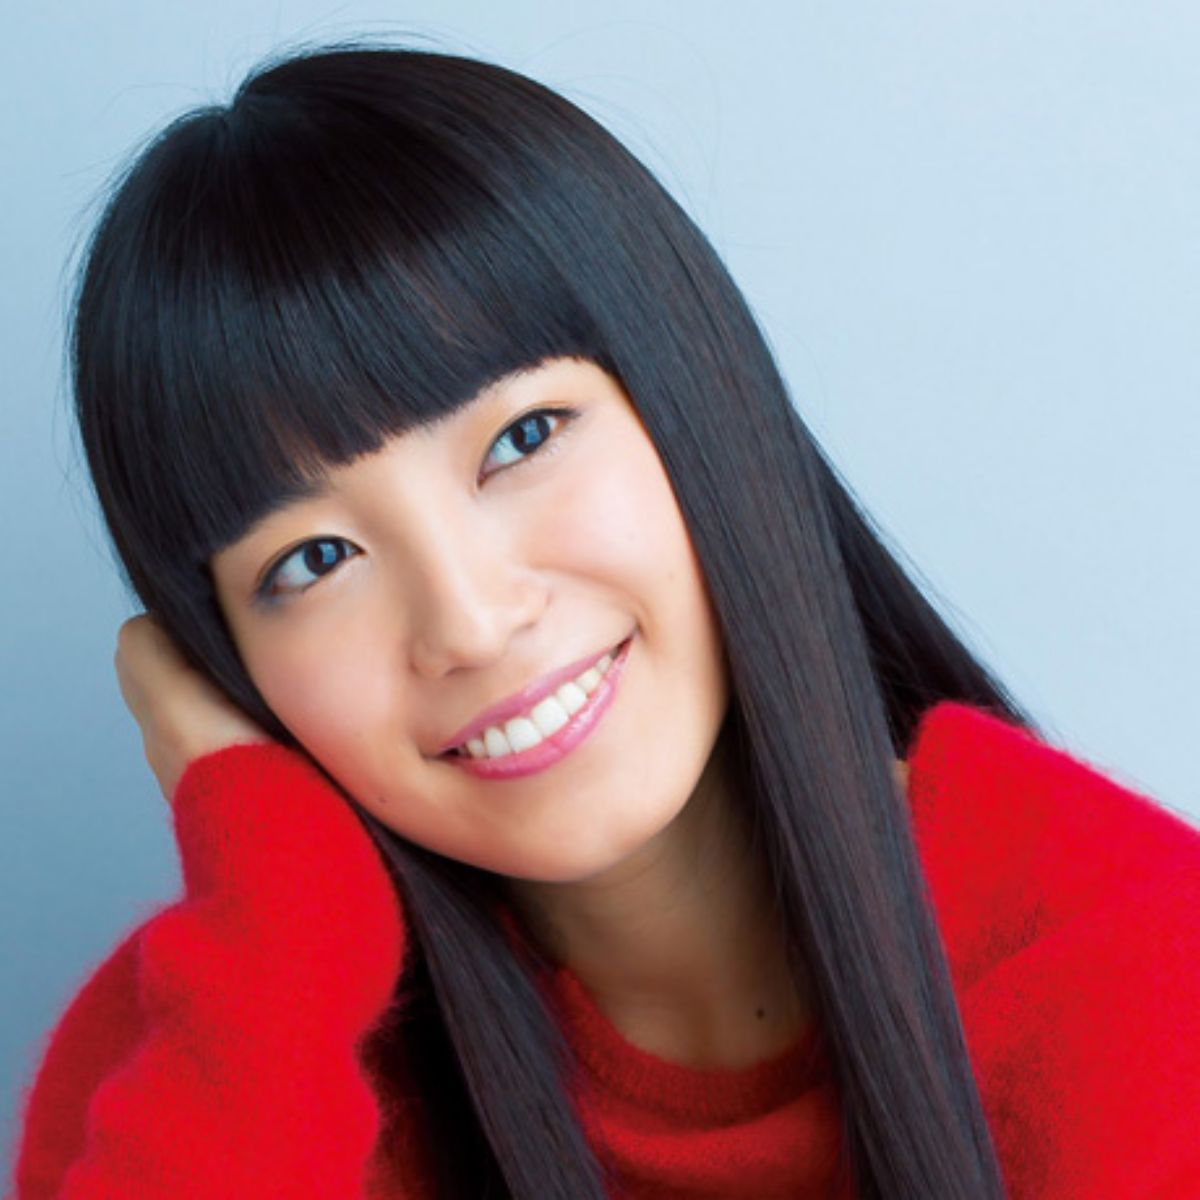 miwaの新曲は、ハジ→との初コラボ&ドラマの主題歌!どんな曲なの?のサムネイル画像